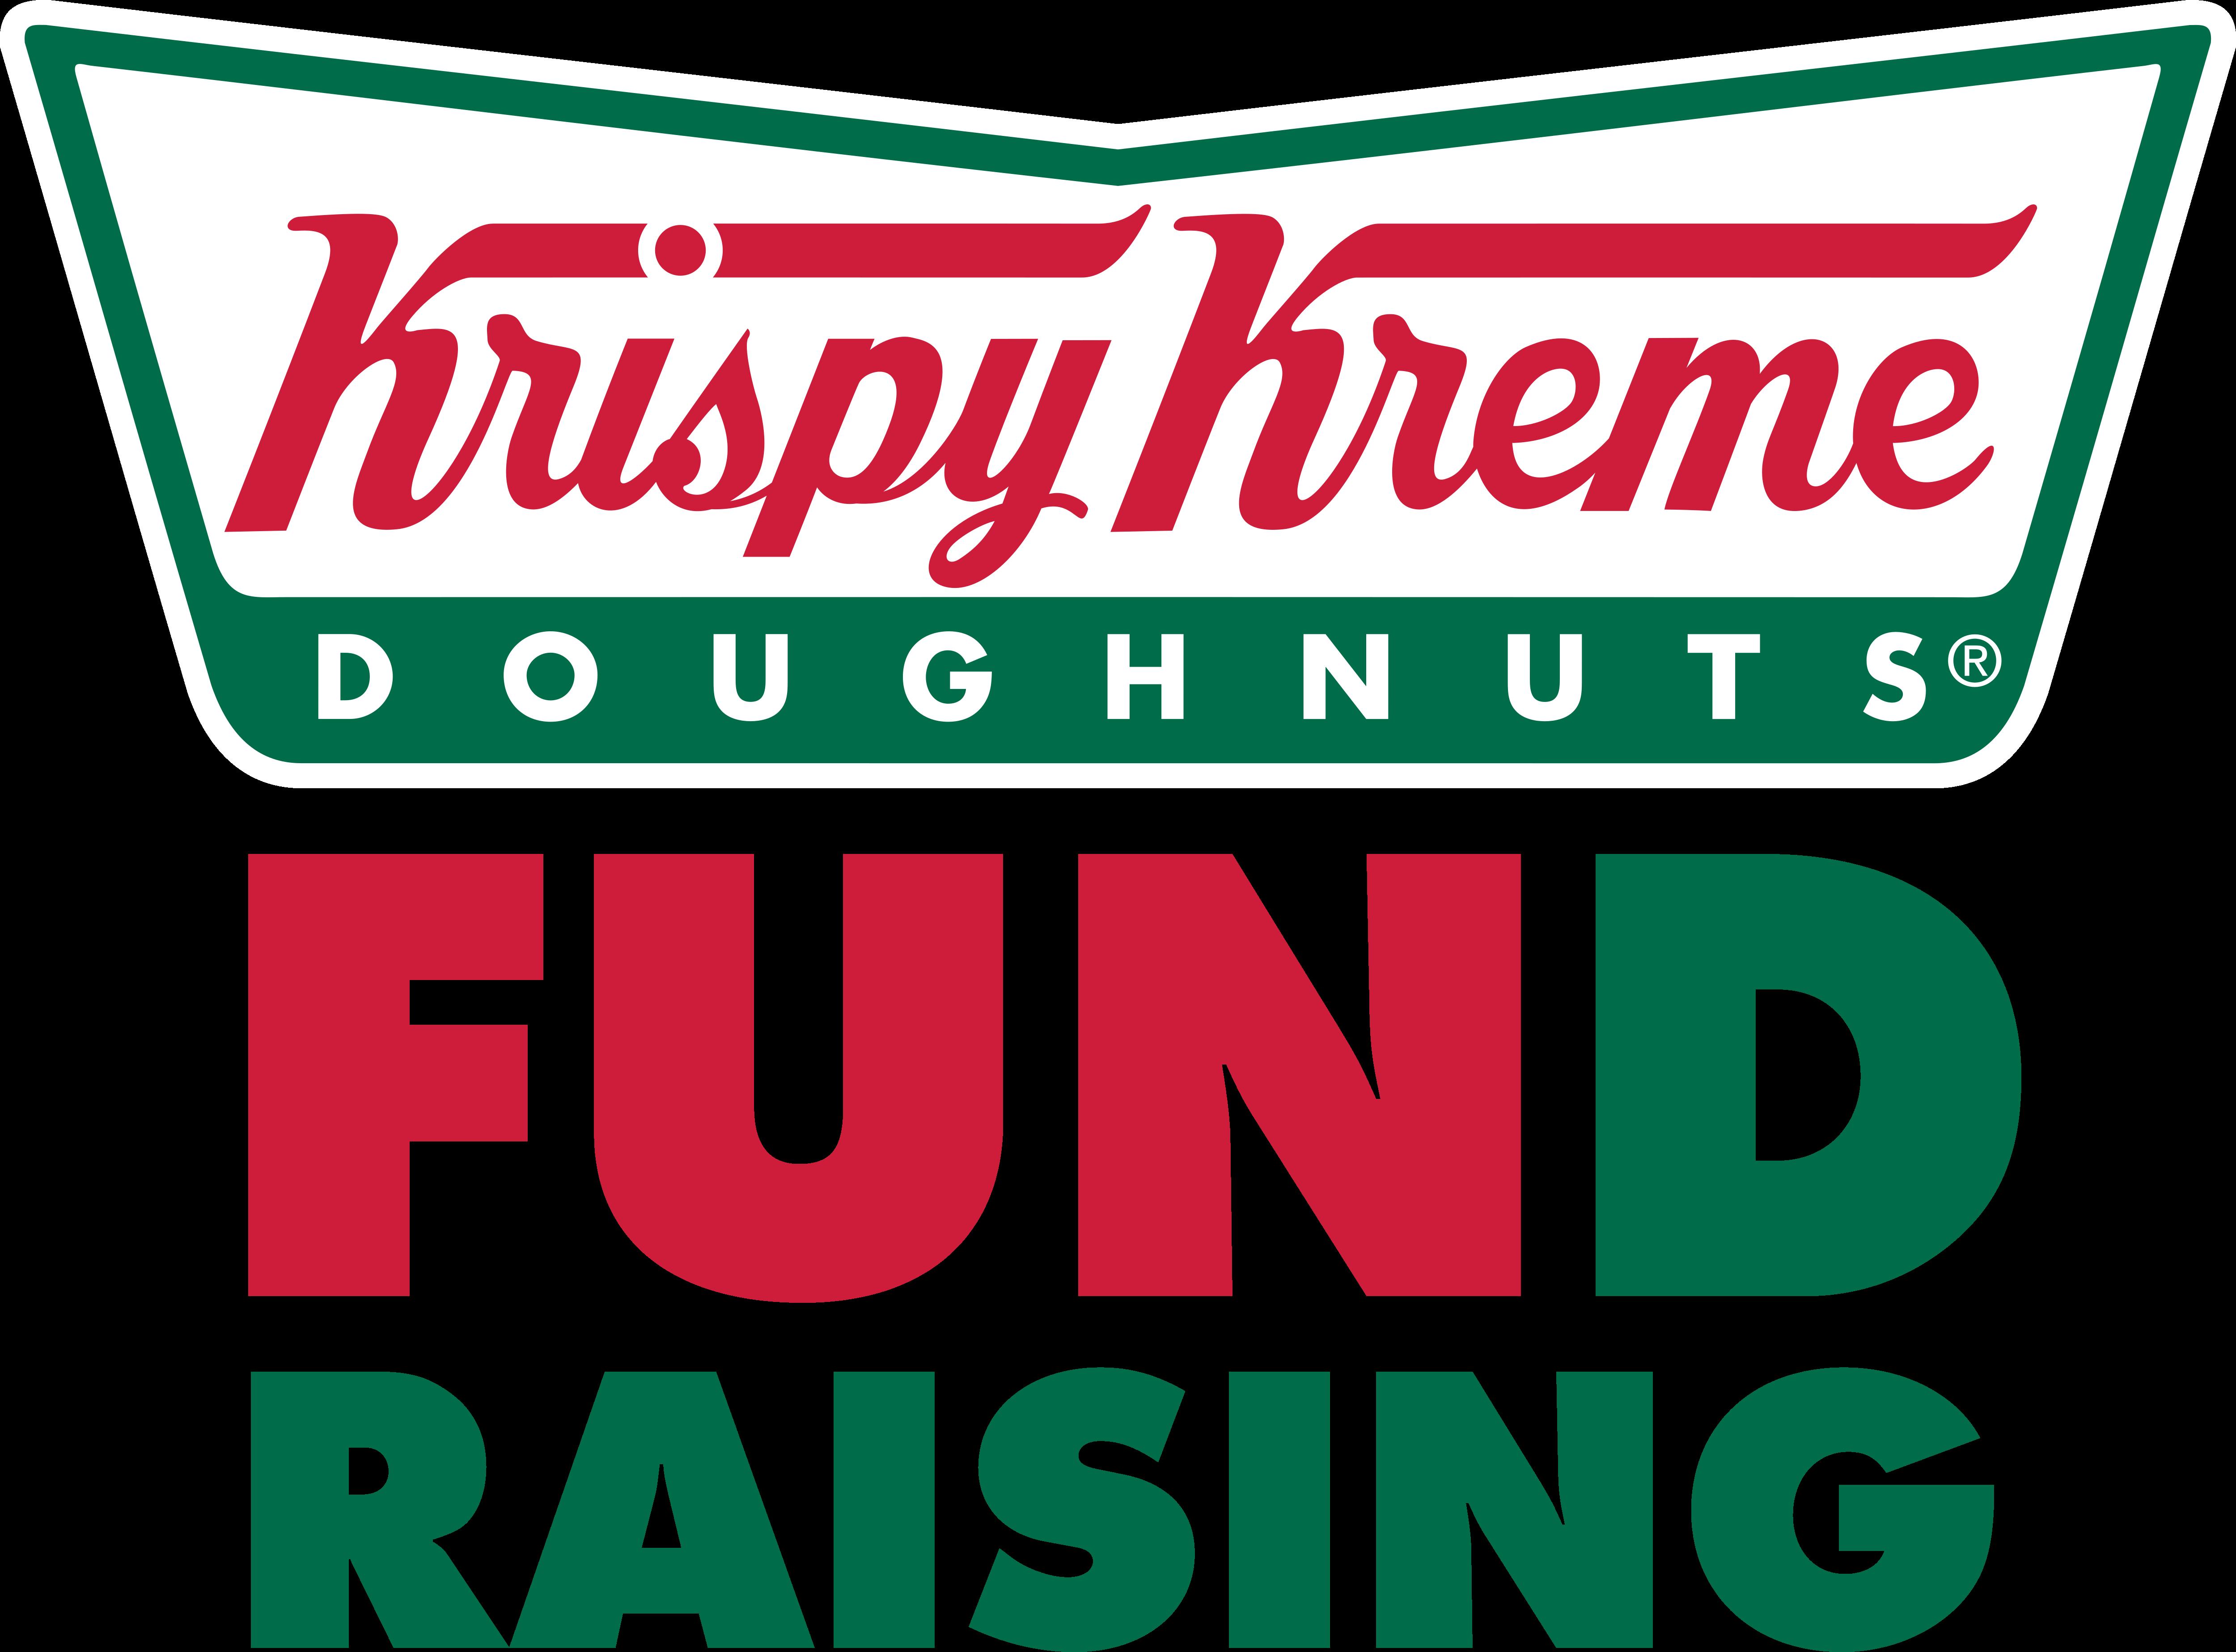 Krispy Kreme Fundraising Logos Download